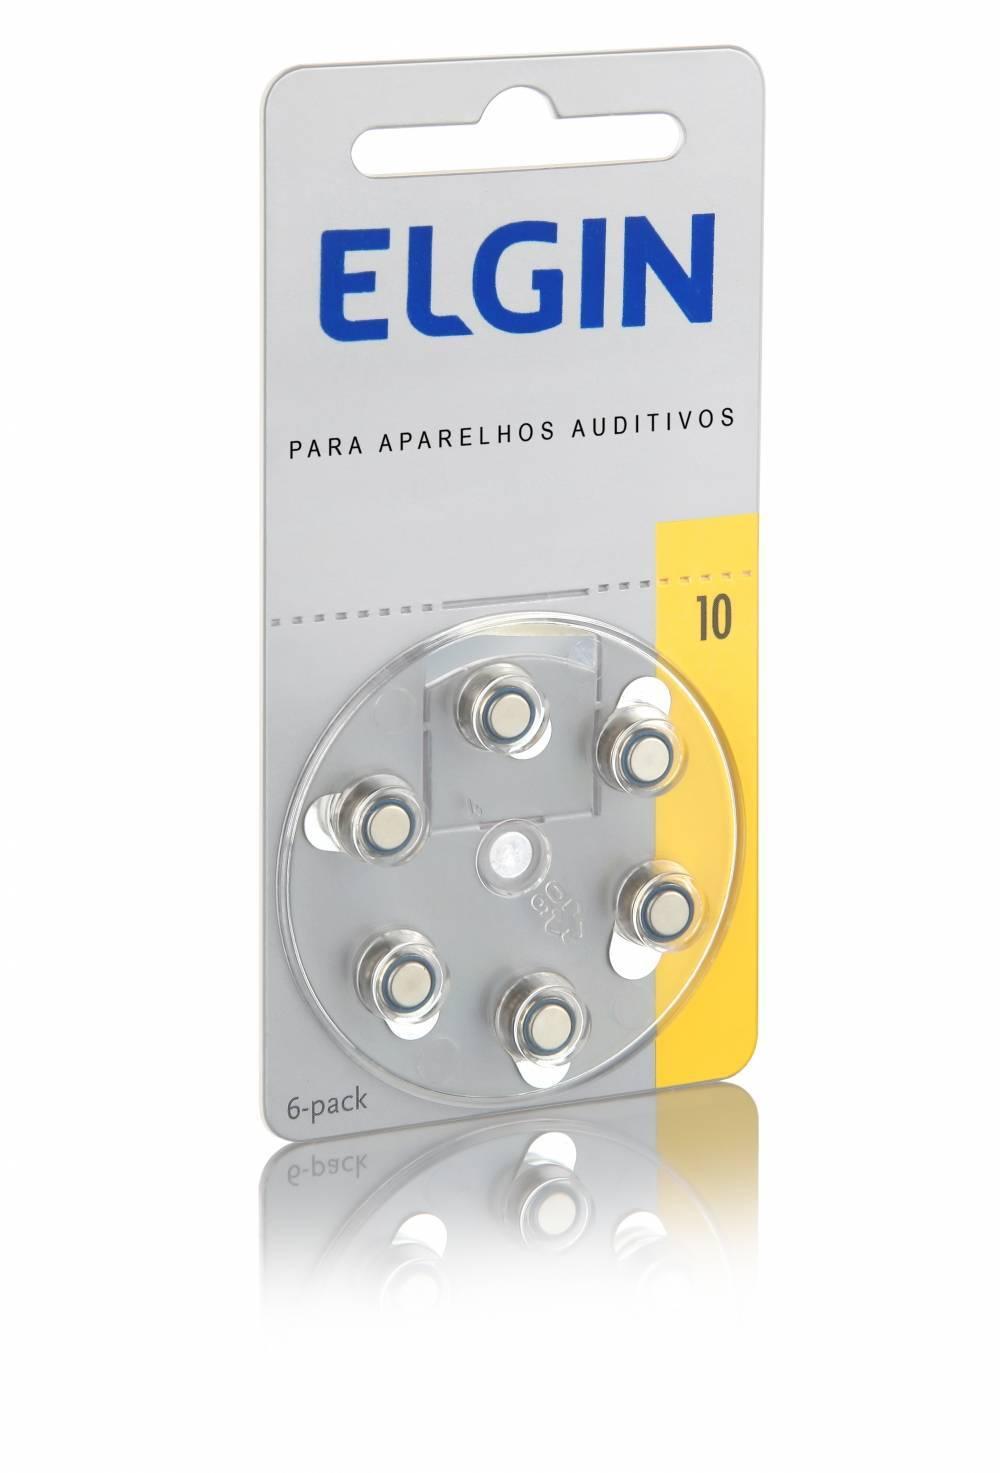 Bateria 10 p/ Aparelho Auditivo 1.45V PR70 ELGIN - Casa da Pilha